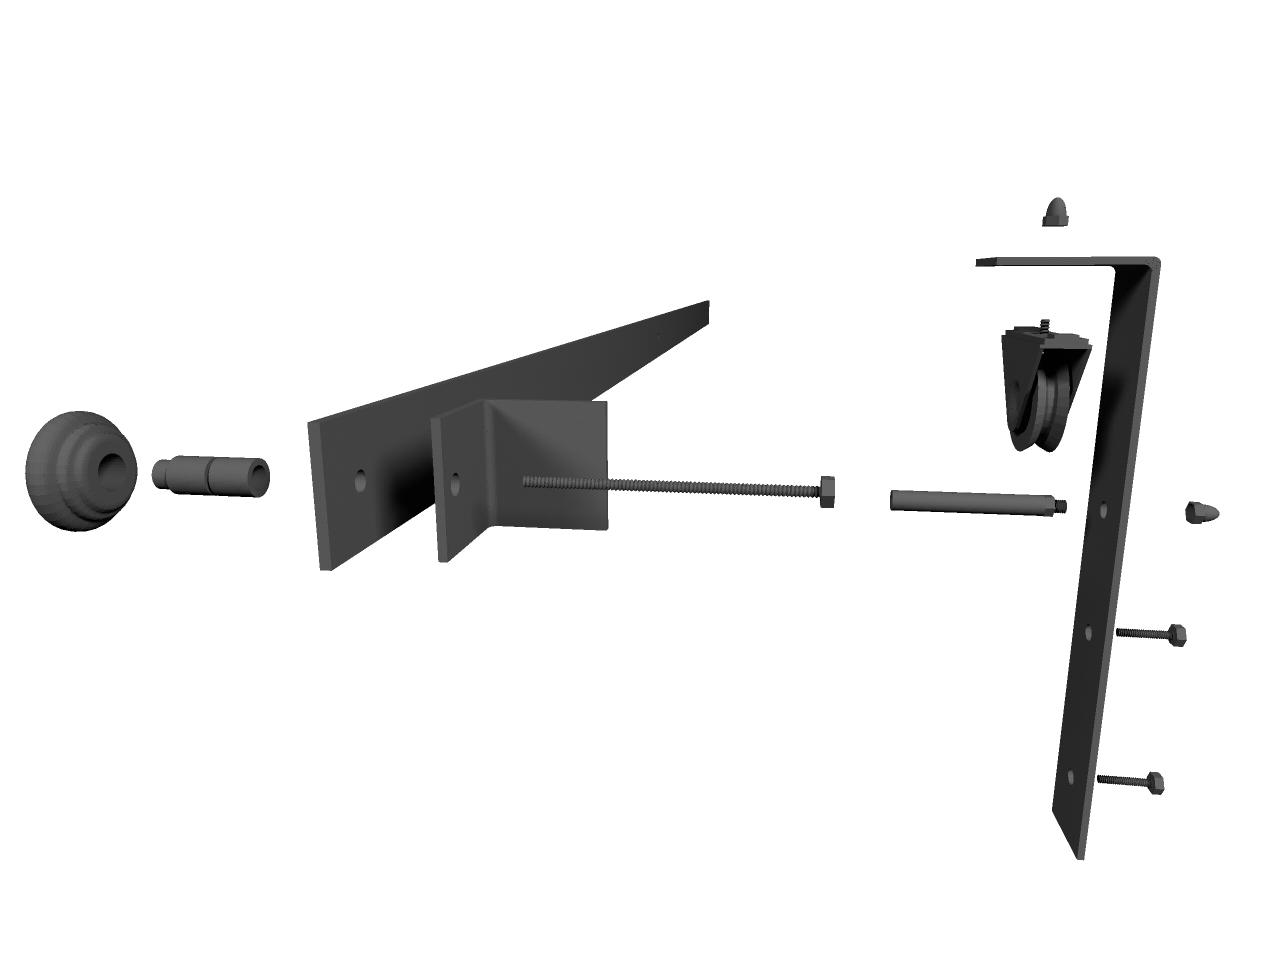 Kit Binario per Porta Scorrevole Le Fabric 3000 mm,in ferro stile ...